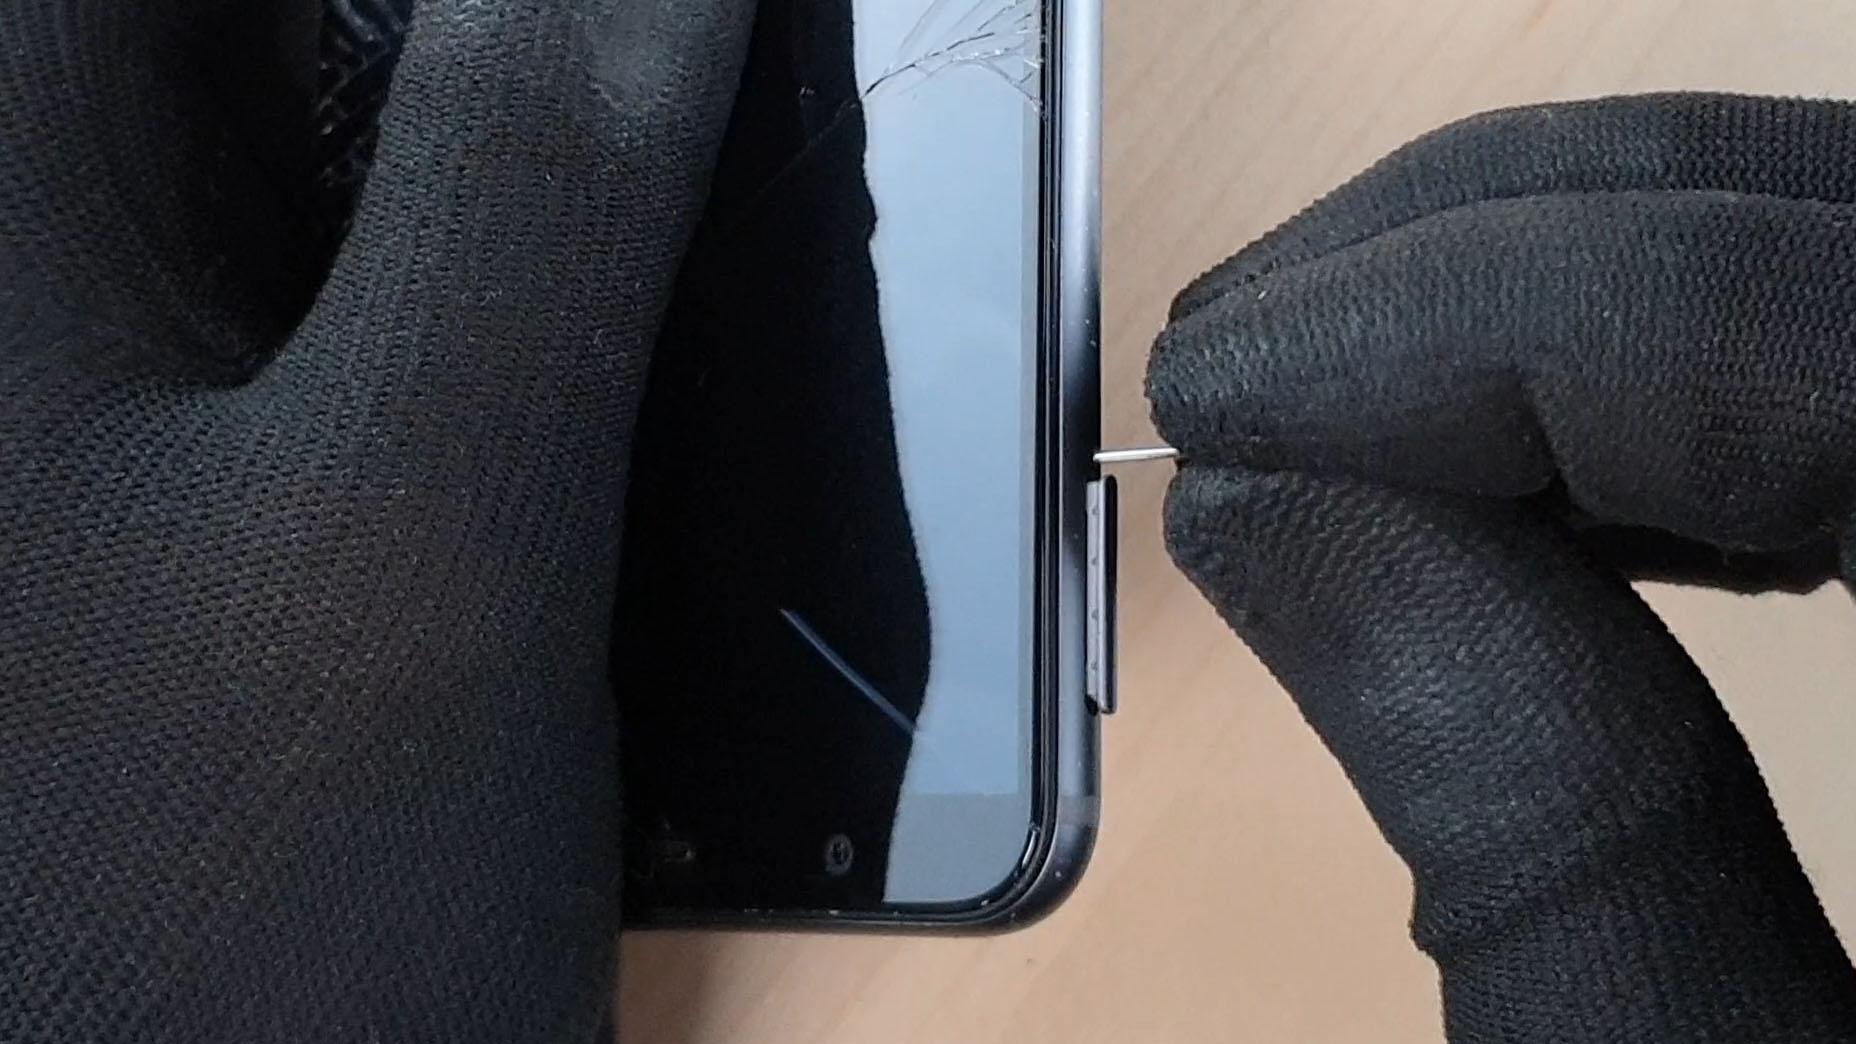 changer l'écran du Honor 7x en enlevant le tirroir sim du téléphone